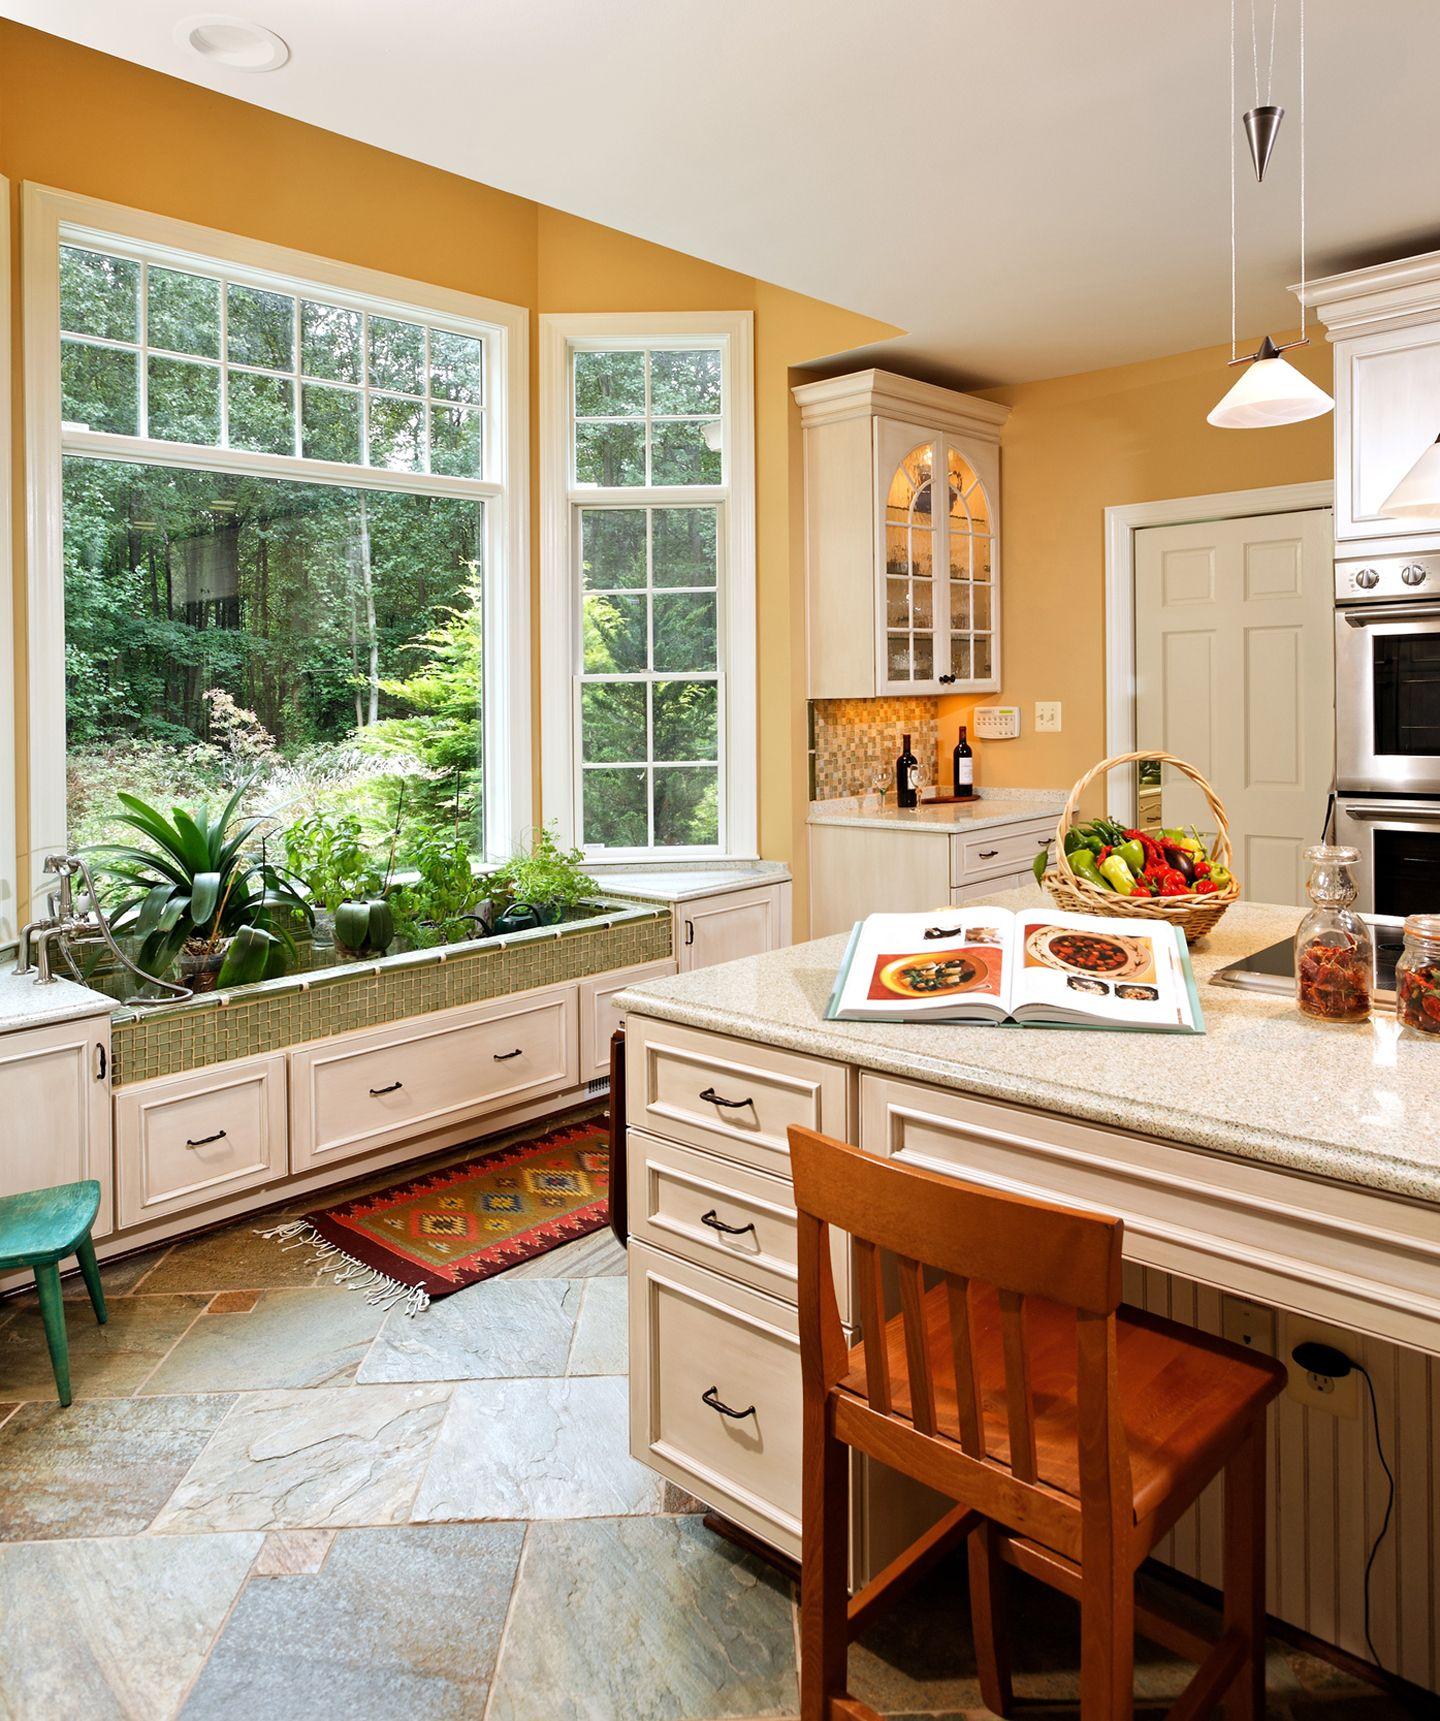 Built In Garden Sink In Bay Window--- Wonderful Idea